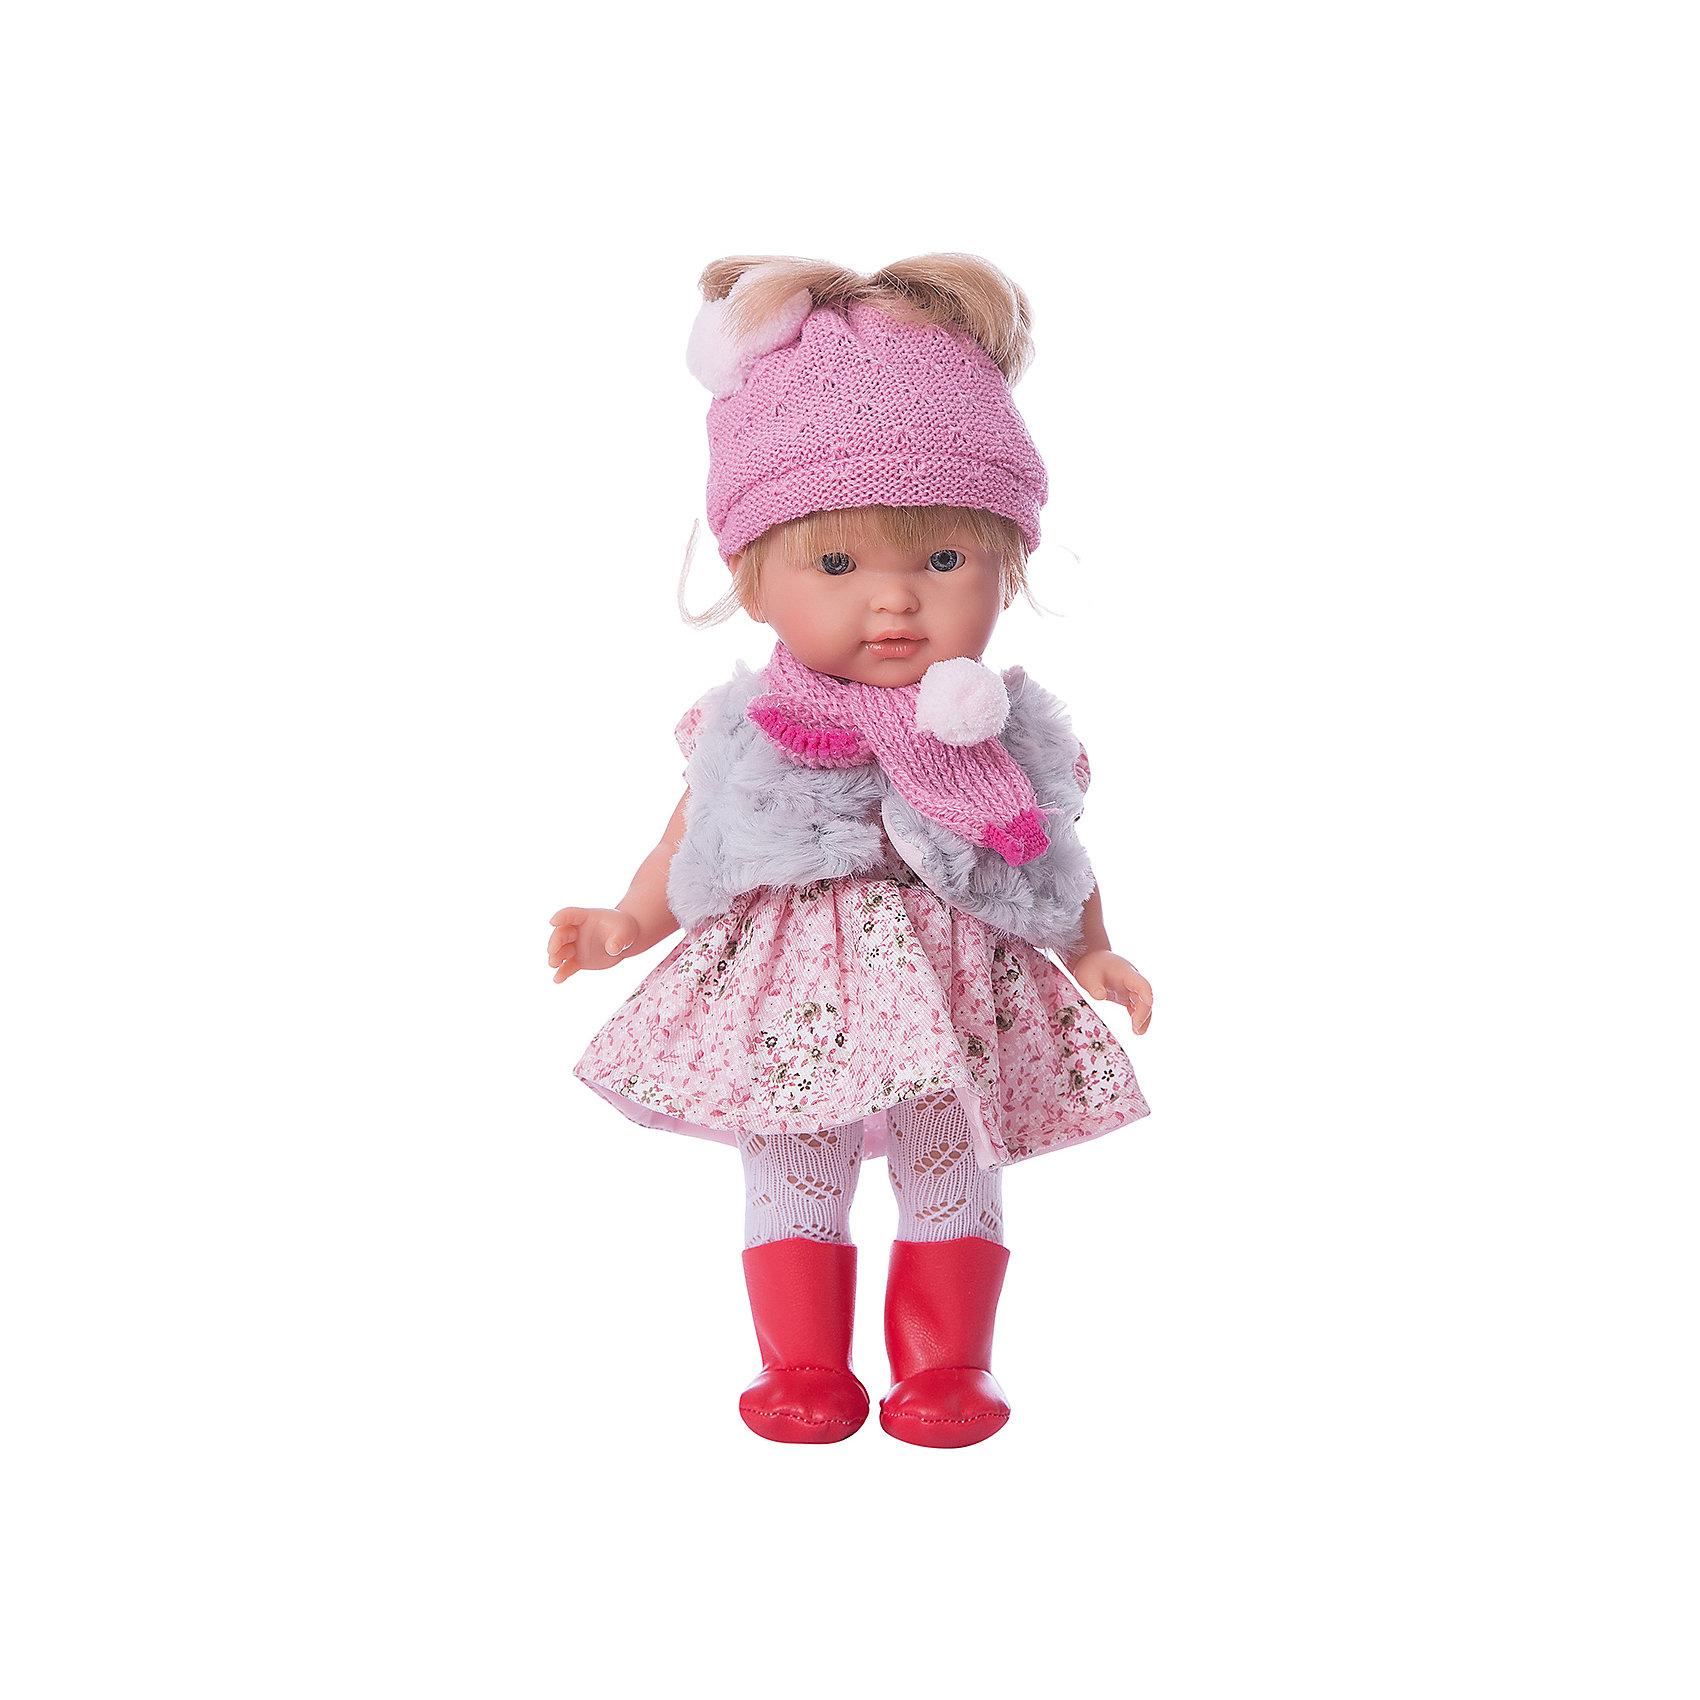 Кукла Валерия 28 см,, LlorensХарактеристики:<br><br>• Предназначение: для сюжетно-ролевых игр<br>• Тип куклы: мягконабивная<br>• Пол куклы: девочка <br>• Цвет волос: светло-русые<br>• Материал: поливинилхлорид, пластик, нейлон, текстиль<br>• Цвет: красный, розовый, белый, серый<br>• Высота куклы: 35 см<br>• Комплектация: кукла, платье, шапка, шарф, колготки, туфли<br>• Вес: 950 г<br>• Размеры упаковки (Д*В*Ш): 22*43*10 см<br>• Упаковка: подарочная картонная коробка <br>• Особенности ухода: допускается деликатная стирка без использования красящих и отбеливающих средств предметов одежды куклы<br><br>Кукла Елена 35 см – кукла, производителем которого является всемирно известный испанский кукольный бренд Llorens. Куклы этой торговой марки имеют свою неповторимую внешность и целую линейку образов как пупсов, так и кукол-малышей. Игрушки выполнены из сочетания поливинилхлорида и пластика, что позволяет с высокой долей достоверности воссоздать физиологические и мимические особенности маленьких детей. При изготовлении кукол Llorens используются только сертифицированные материалы, безопасные и не вызывающие аллергических реакций. Волосы у кукол отличаются густотой, шелковистостью и блеском, при расчесывании они не выпадают и не ломаются.<br>Кукла Елена 35 см выполнена в образе девочки: у нее прямые длинные волосы и голубые глаза. Комплект одежды состоит из теплого вязаного платья с длинными рукавами, розовых колготочек, шапки и шарфа. На ножках у Валерии – черные туфельки. <br>Кукла Елена 35 см – это идеальный вариант для подарка к различным праздникам и торжествам.<br><br>Куклу Елену 35 см можно купить в нашем интернет-магазине.<br><br>Ширина мм: 20<br>Глубина мм: 37<br>Высота мм: 10<br>Вес г: 660<br>Возраст от месяцев: 36<br>Возраст до месяцев: 84<br>Пол: Женский<br>Возраст: Детский<br>SKU: 5086942